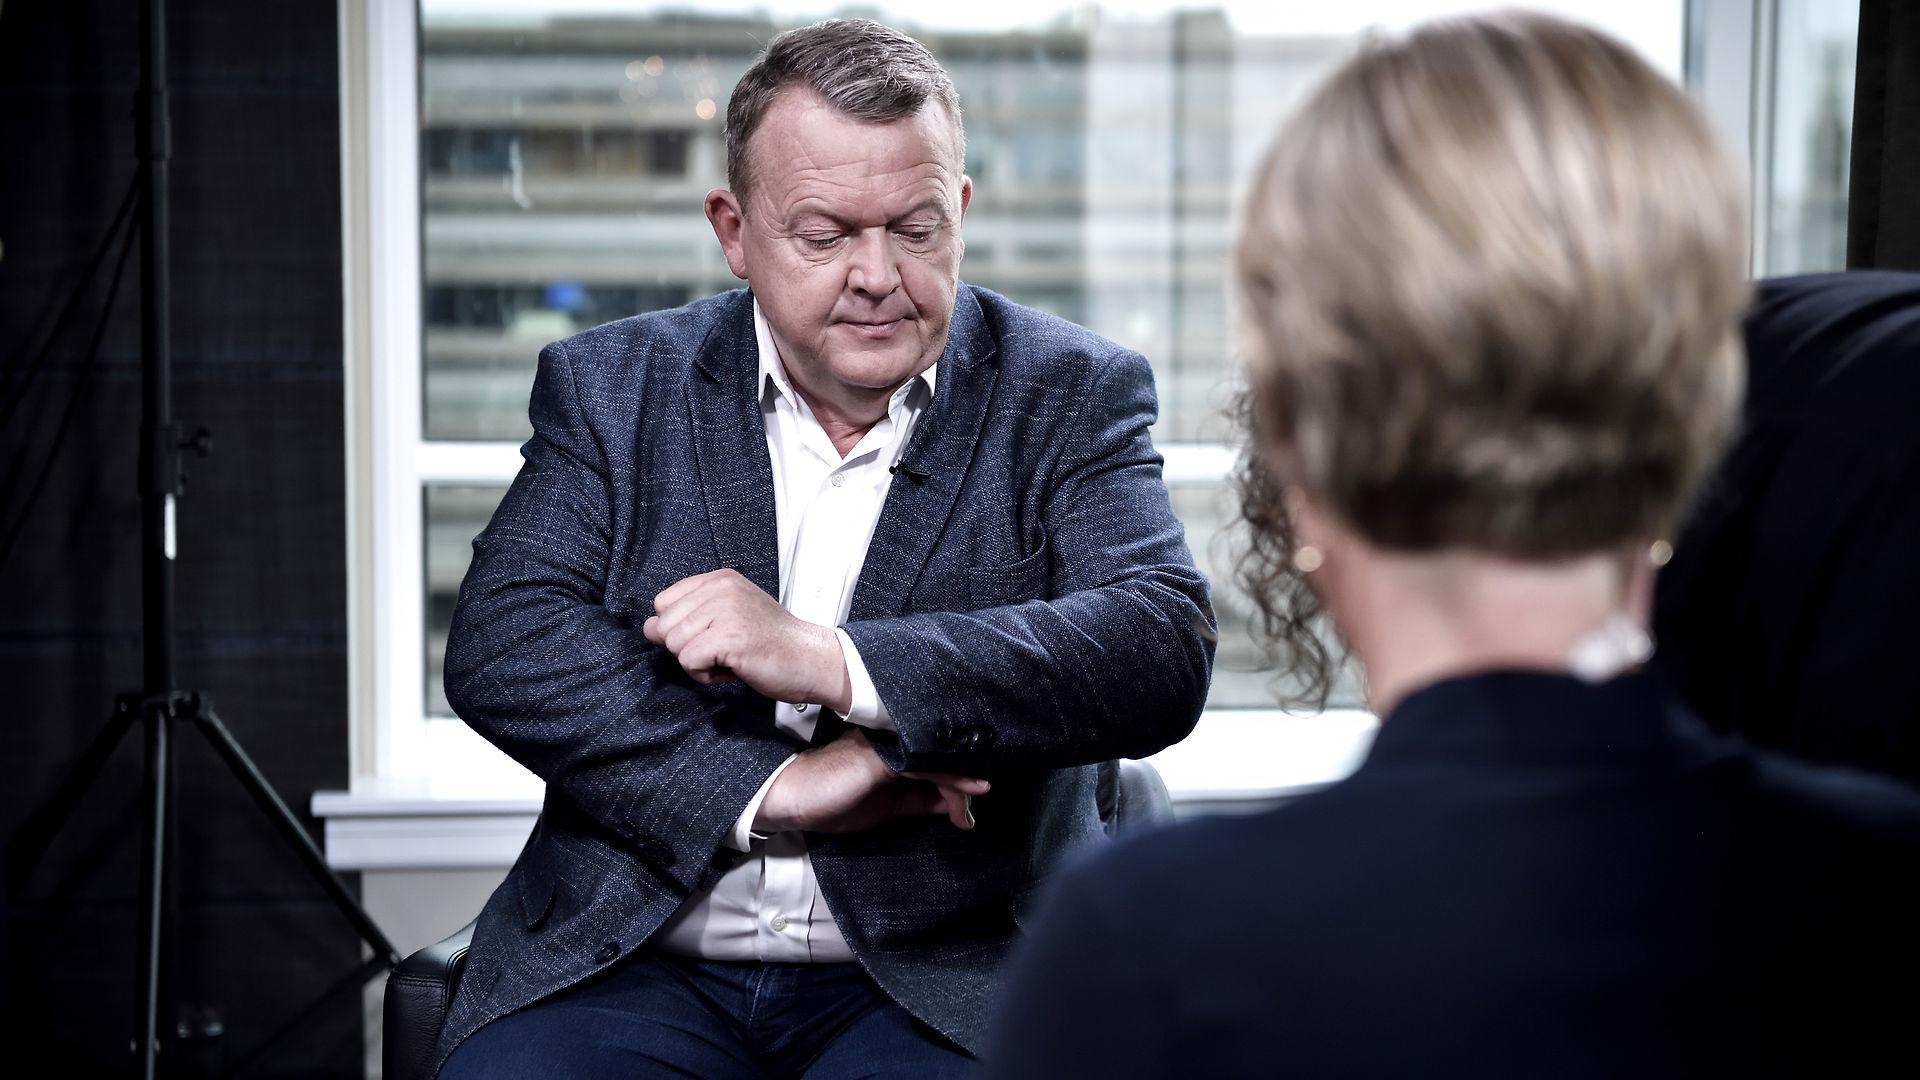 Michelle Tubæk Gram: I den konstante kamp mellem medier og politikere, som blev kickstartet af Anders Foghs spindoktorkorps, er medierne kommet bagud